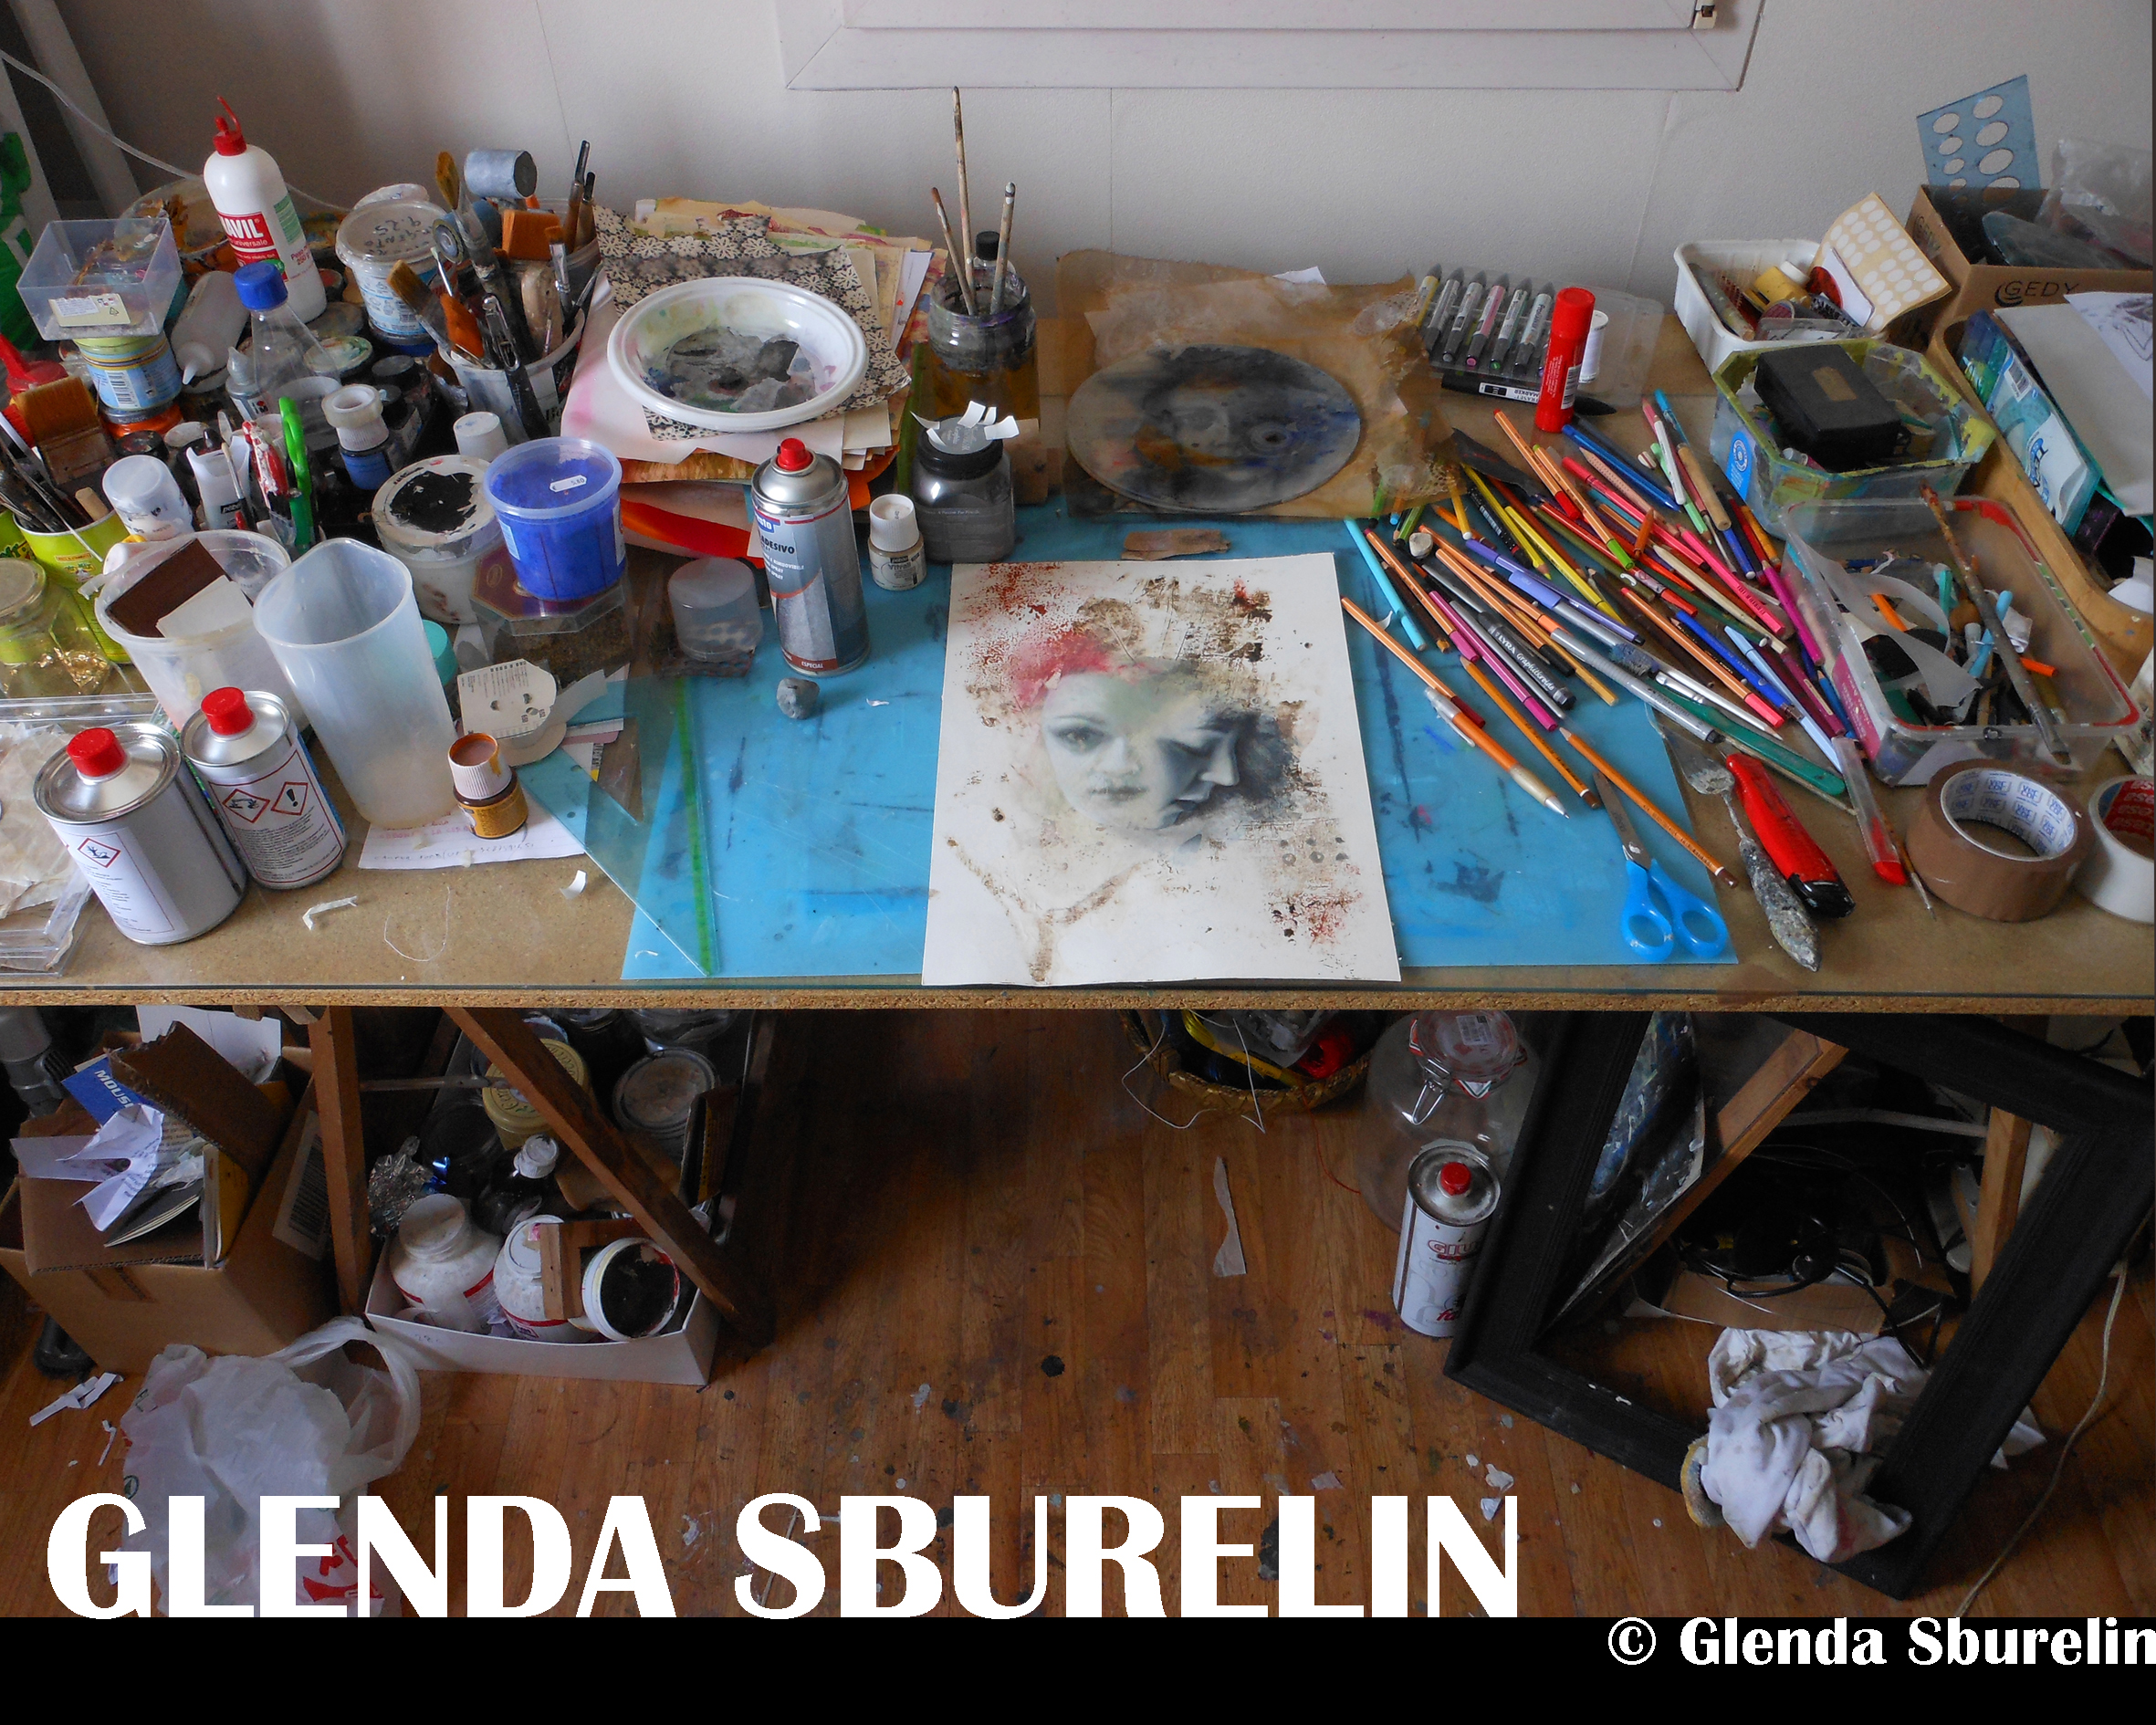 Glenda Sburelin